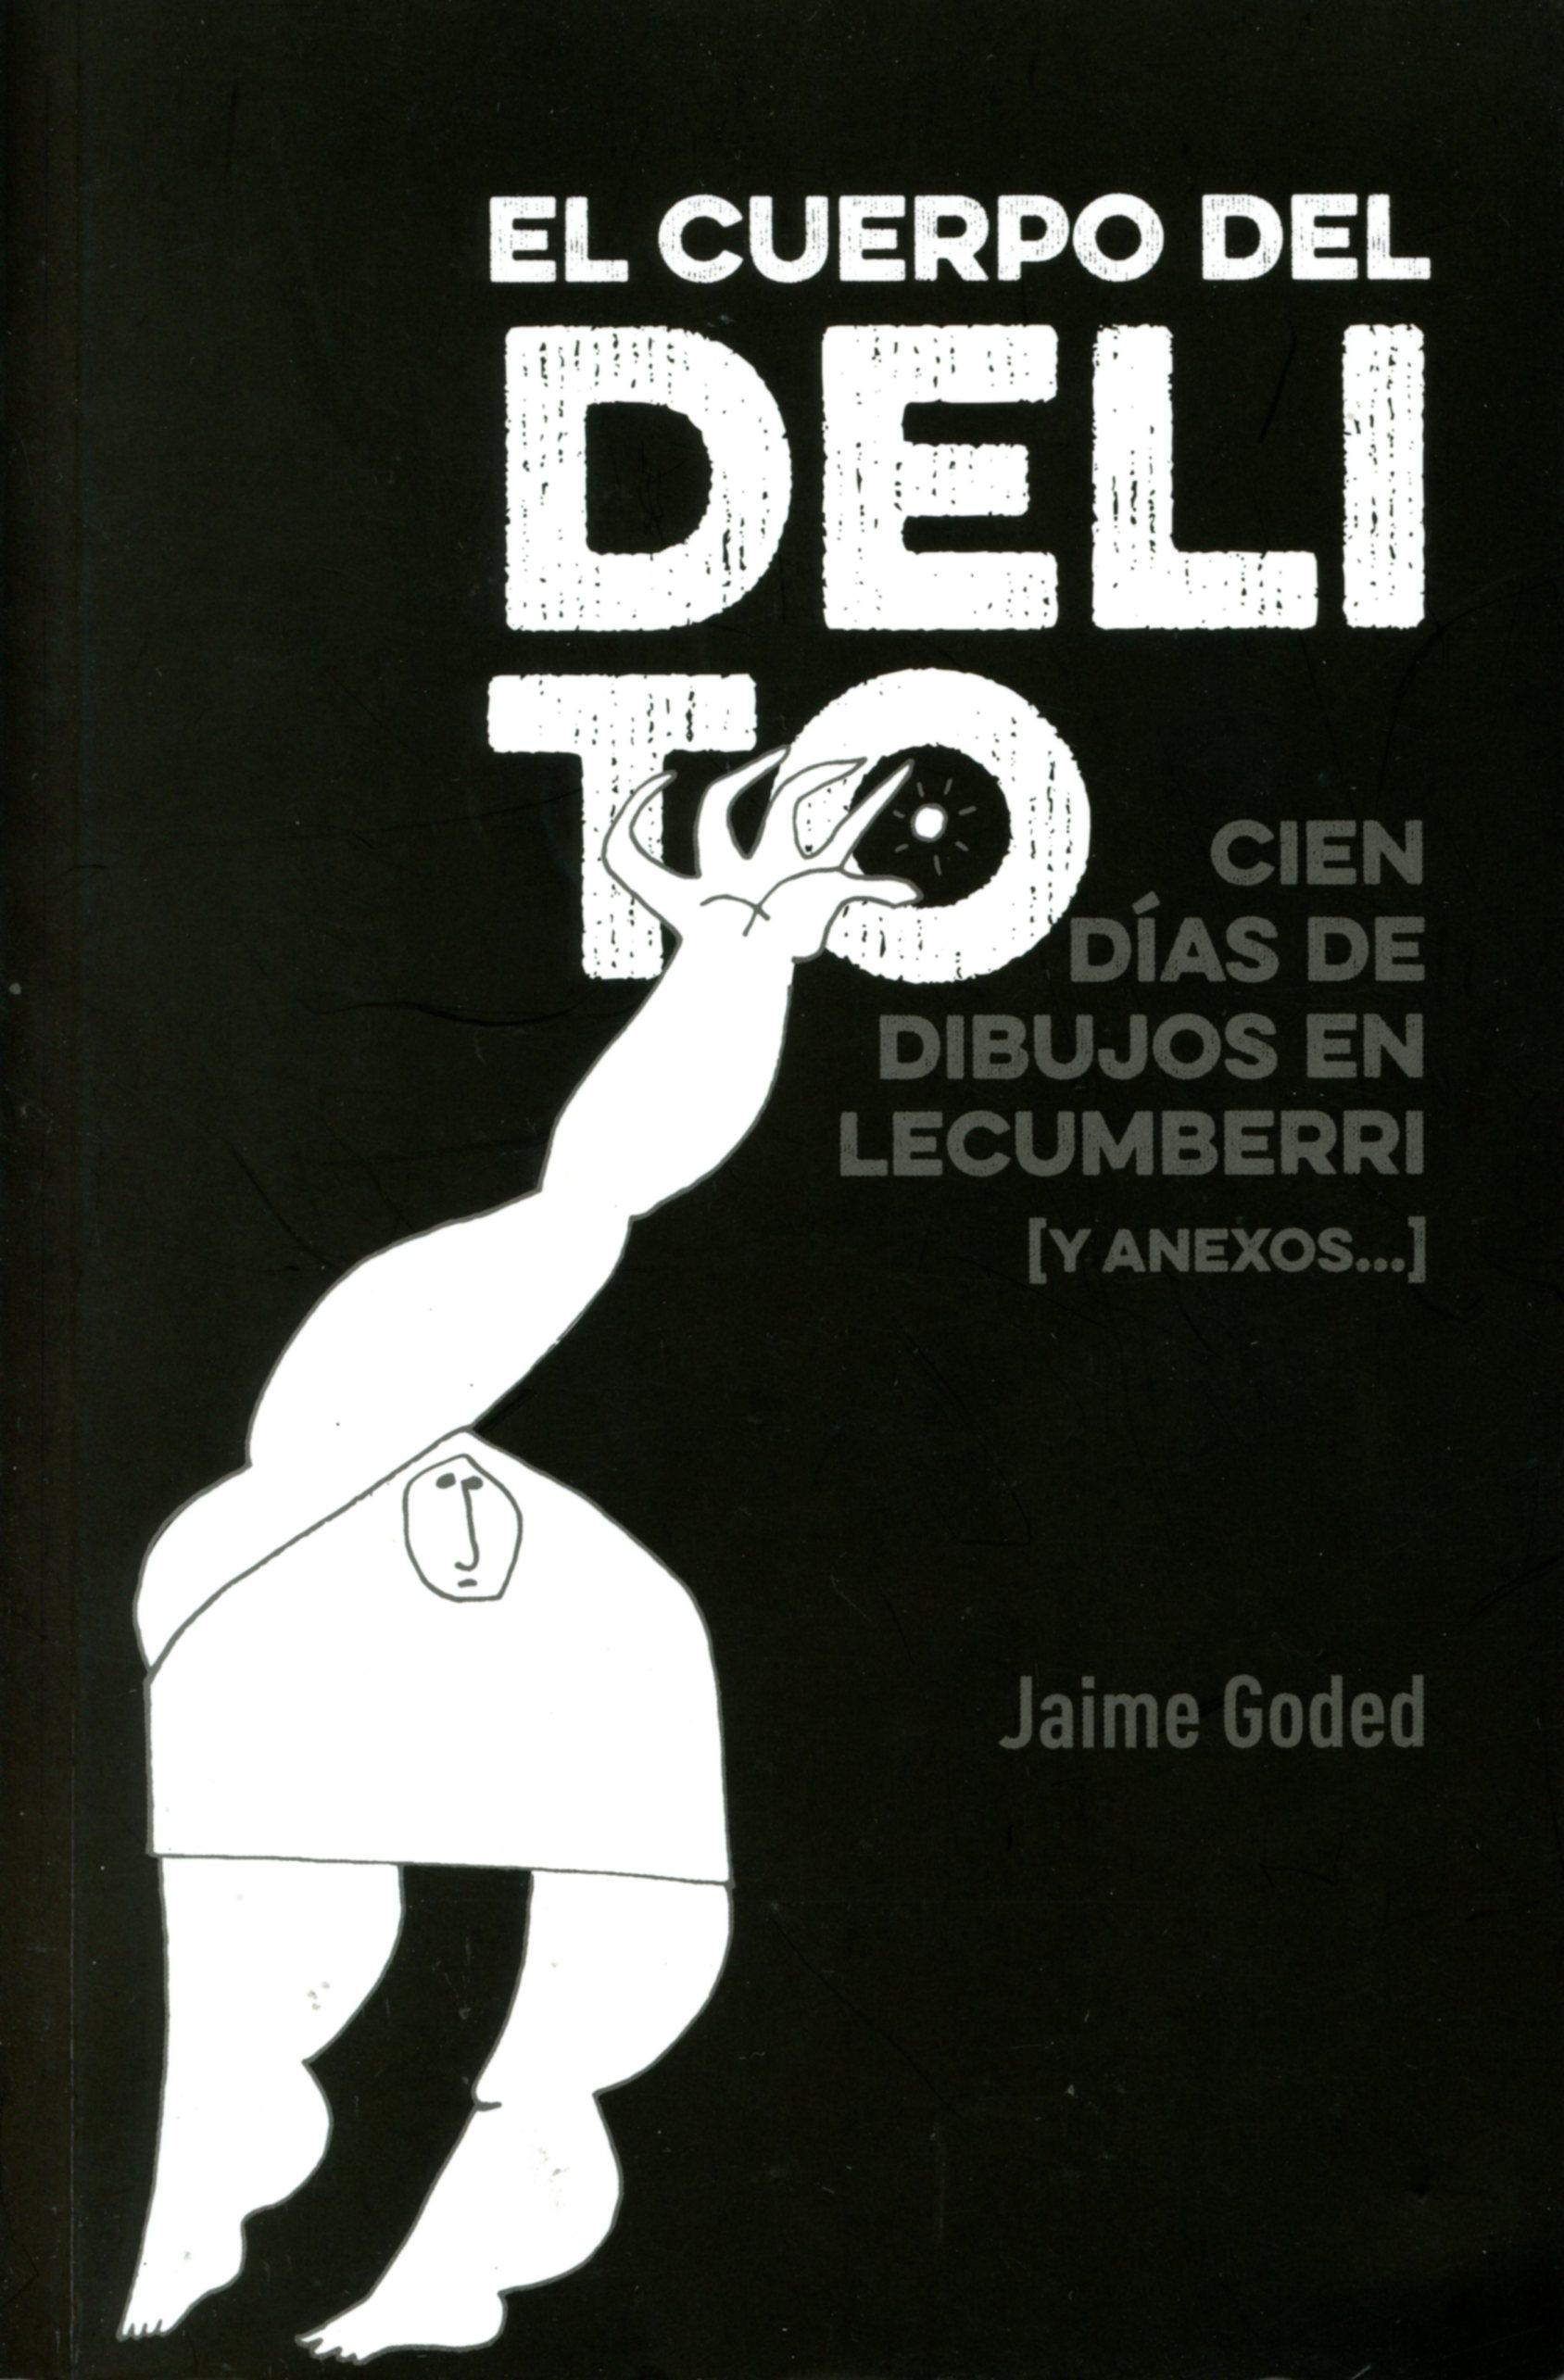 El cuerpo del delito. Cien días de dibujos en Lecumberri [y anexos...]